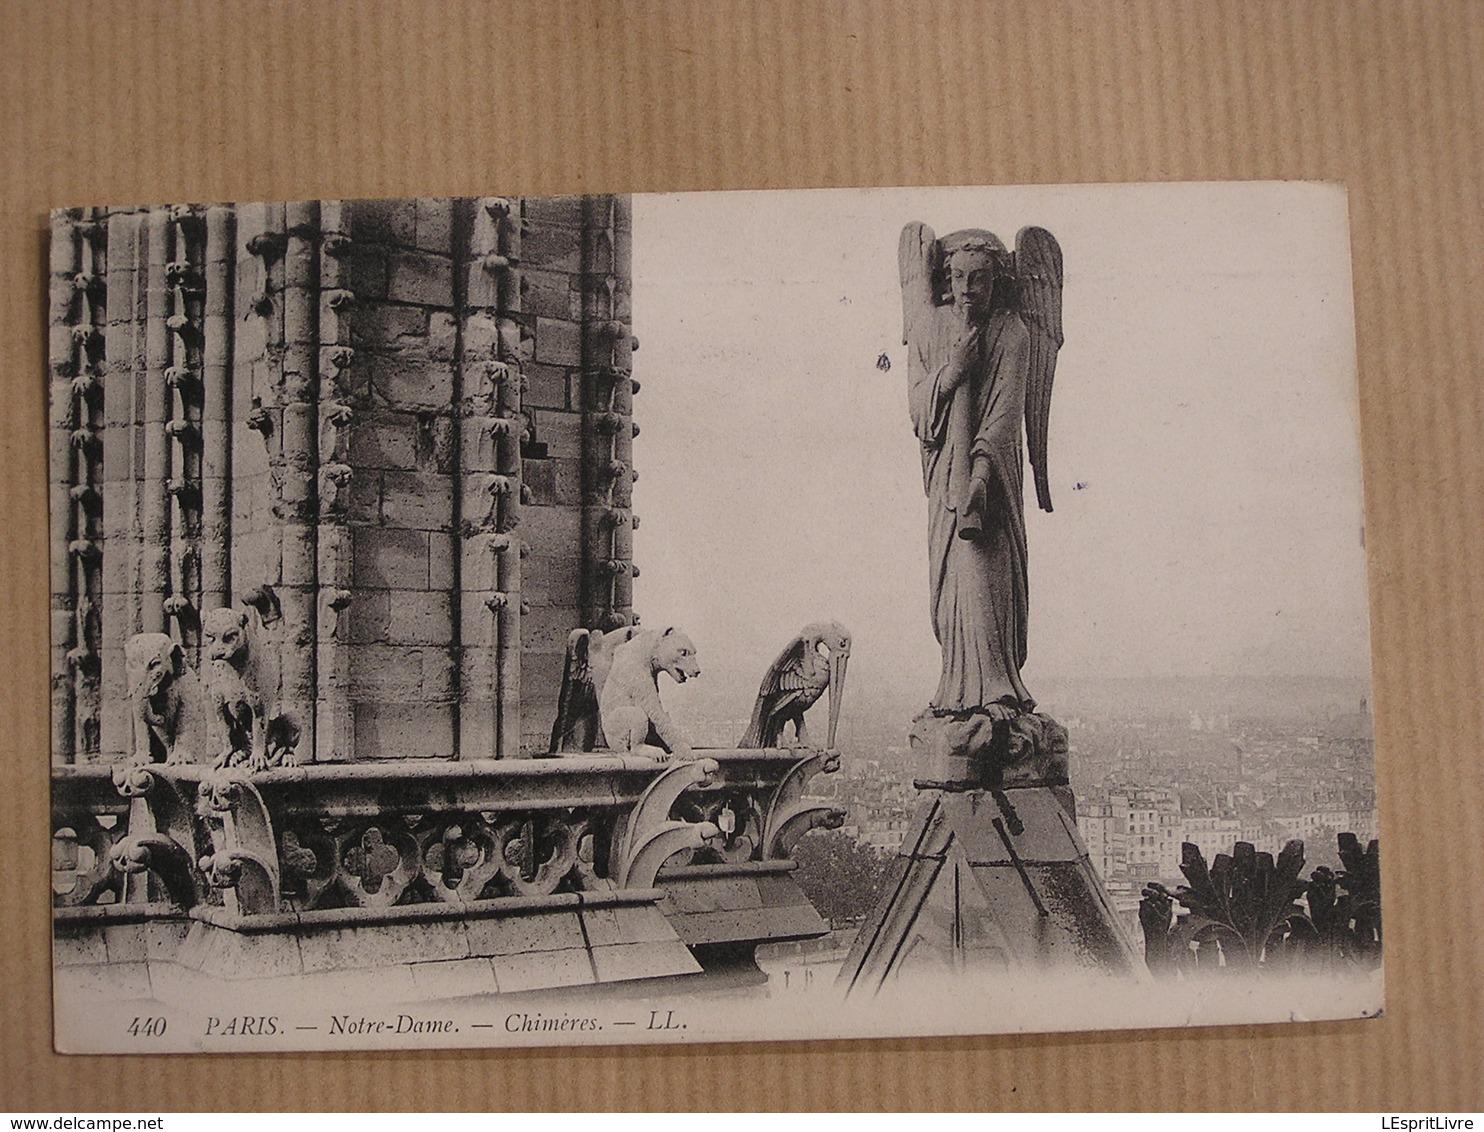 PARIS Cathédrale Notre-Dame De Paris Chimères  Carte Postale France - Notre Dame De Paris